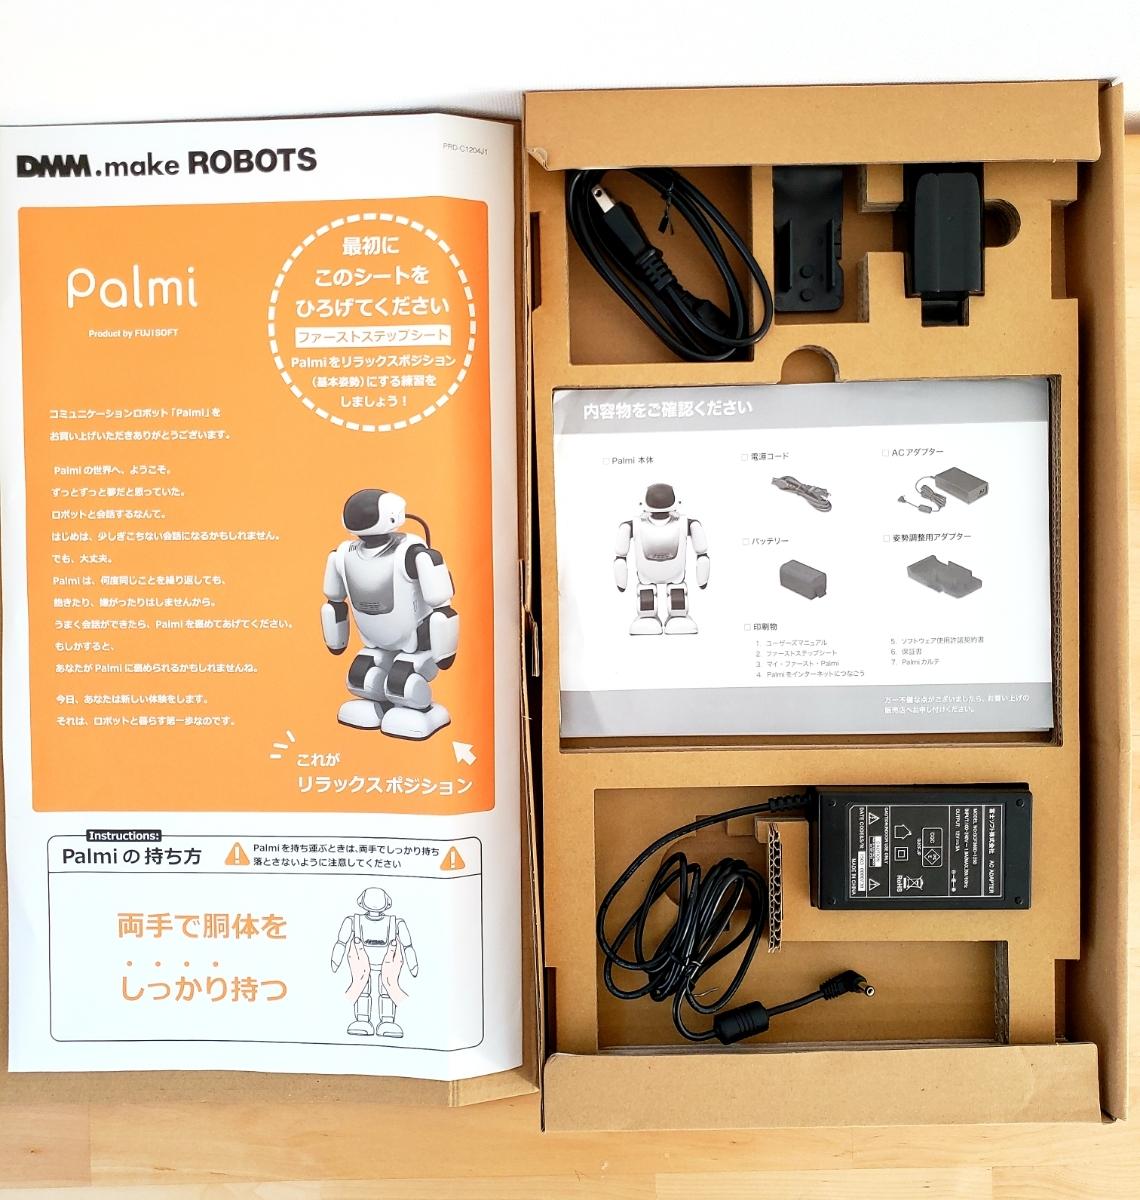 【美品・送料無料・即決あり】DMM make ROBOTS/FUJISOFT Palmi(パルミー) 二足歩行ロボット PRT-D004JW 購入価格32万円_画像8